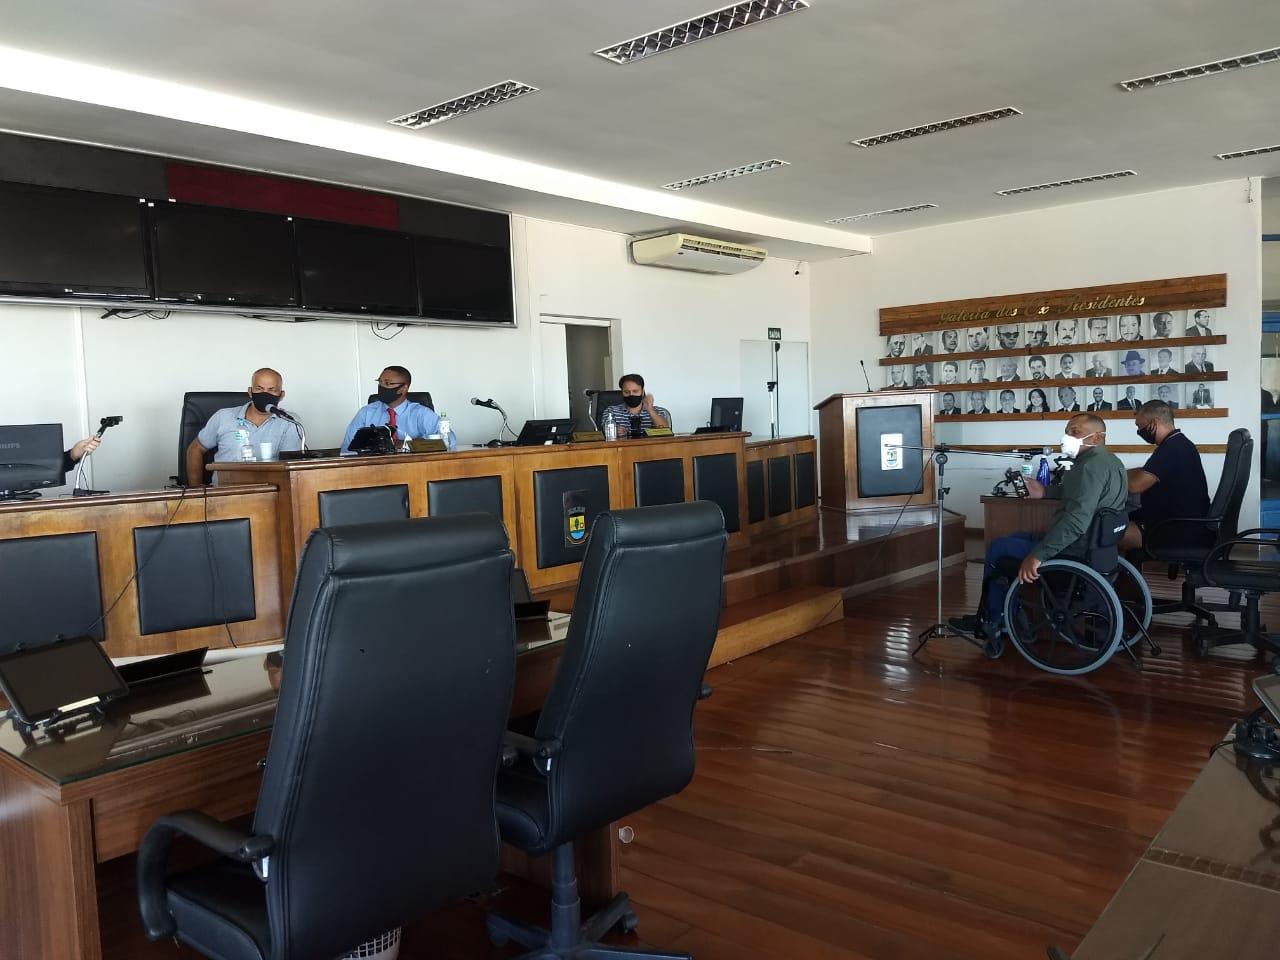 Reunião com Representantes da CEEE - Vereadores cobram respostas de requerimentos e indicações